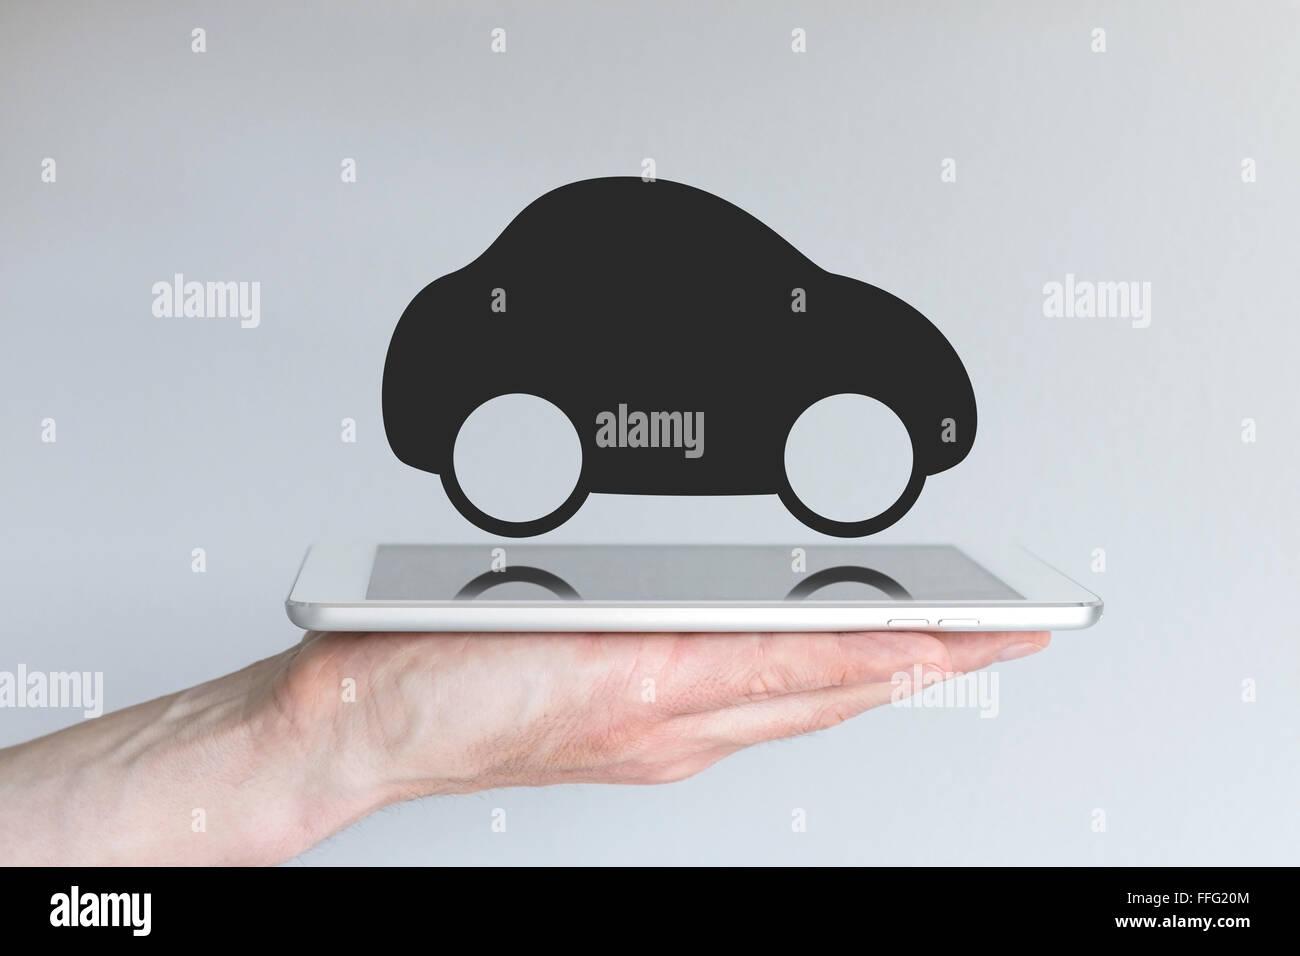 Digitale Mobilität und mobile-computing-Konzept. Schwarzes Auto-Symbol als Beispiel für störende Stockbild